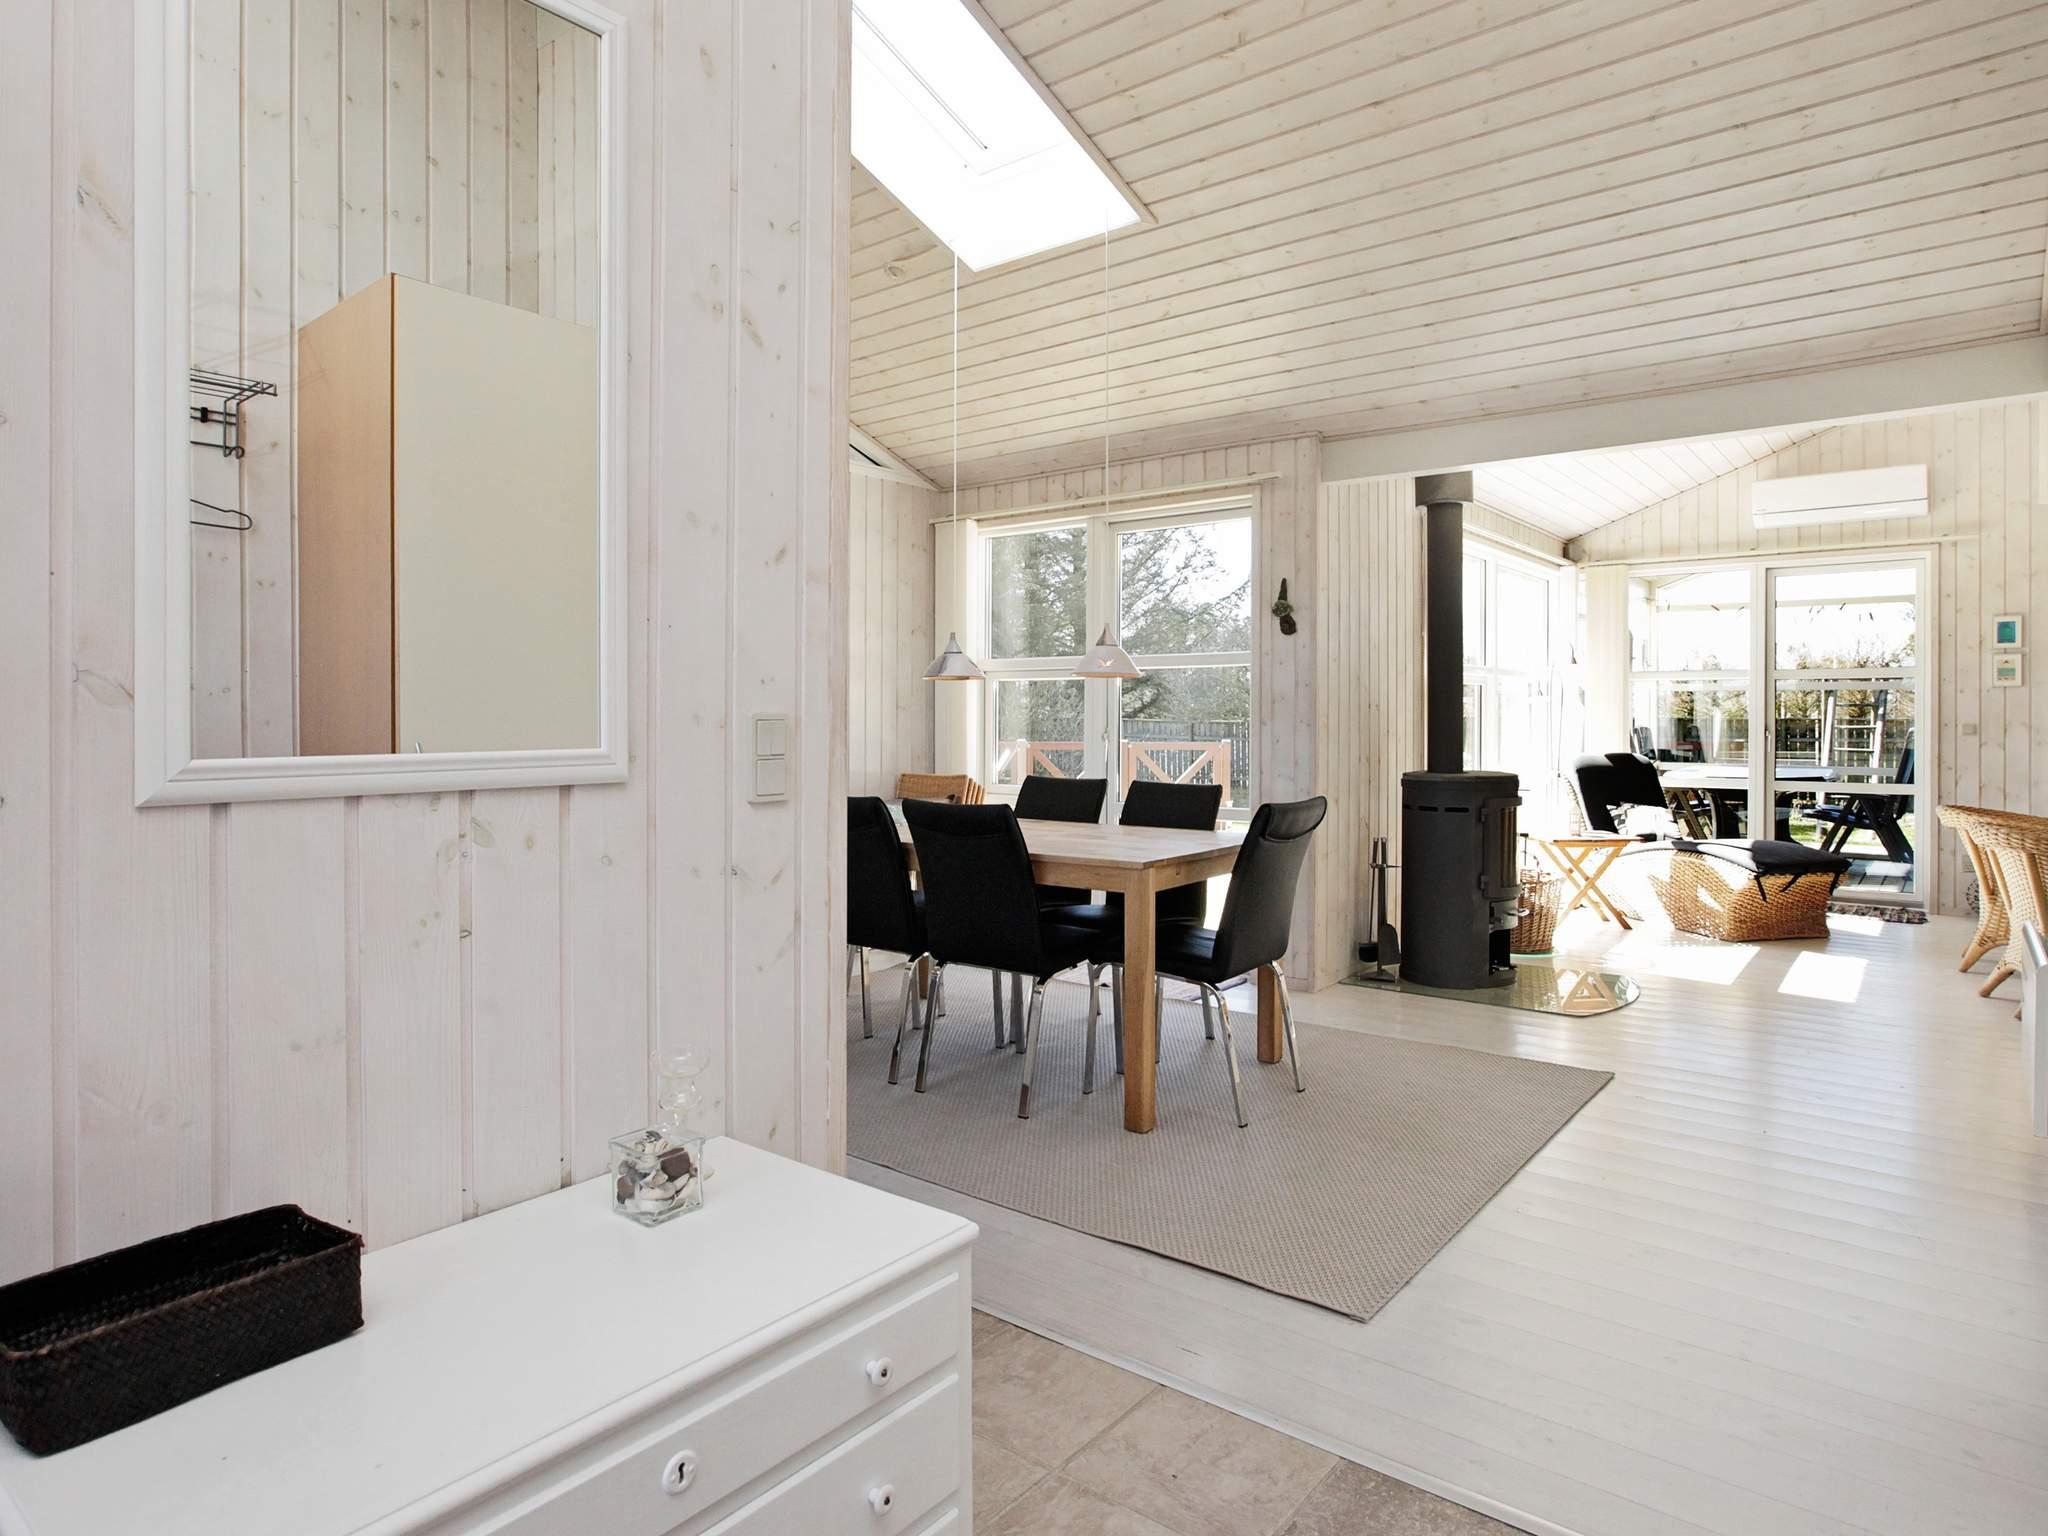 Ferienhaus Lønstrup (86628), Lønstrup, , Nordwestjütland, Dänemark, Bild 6